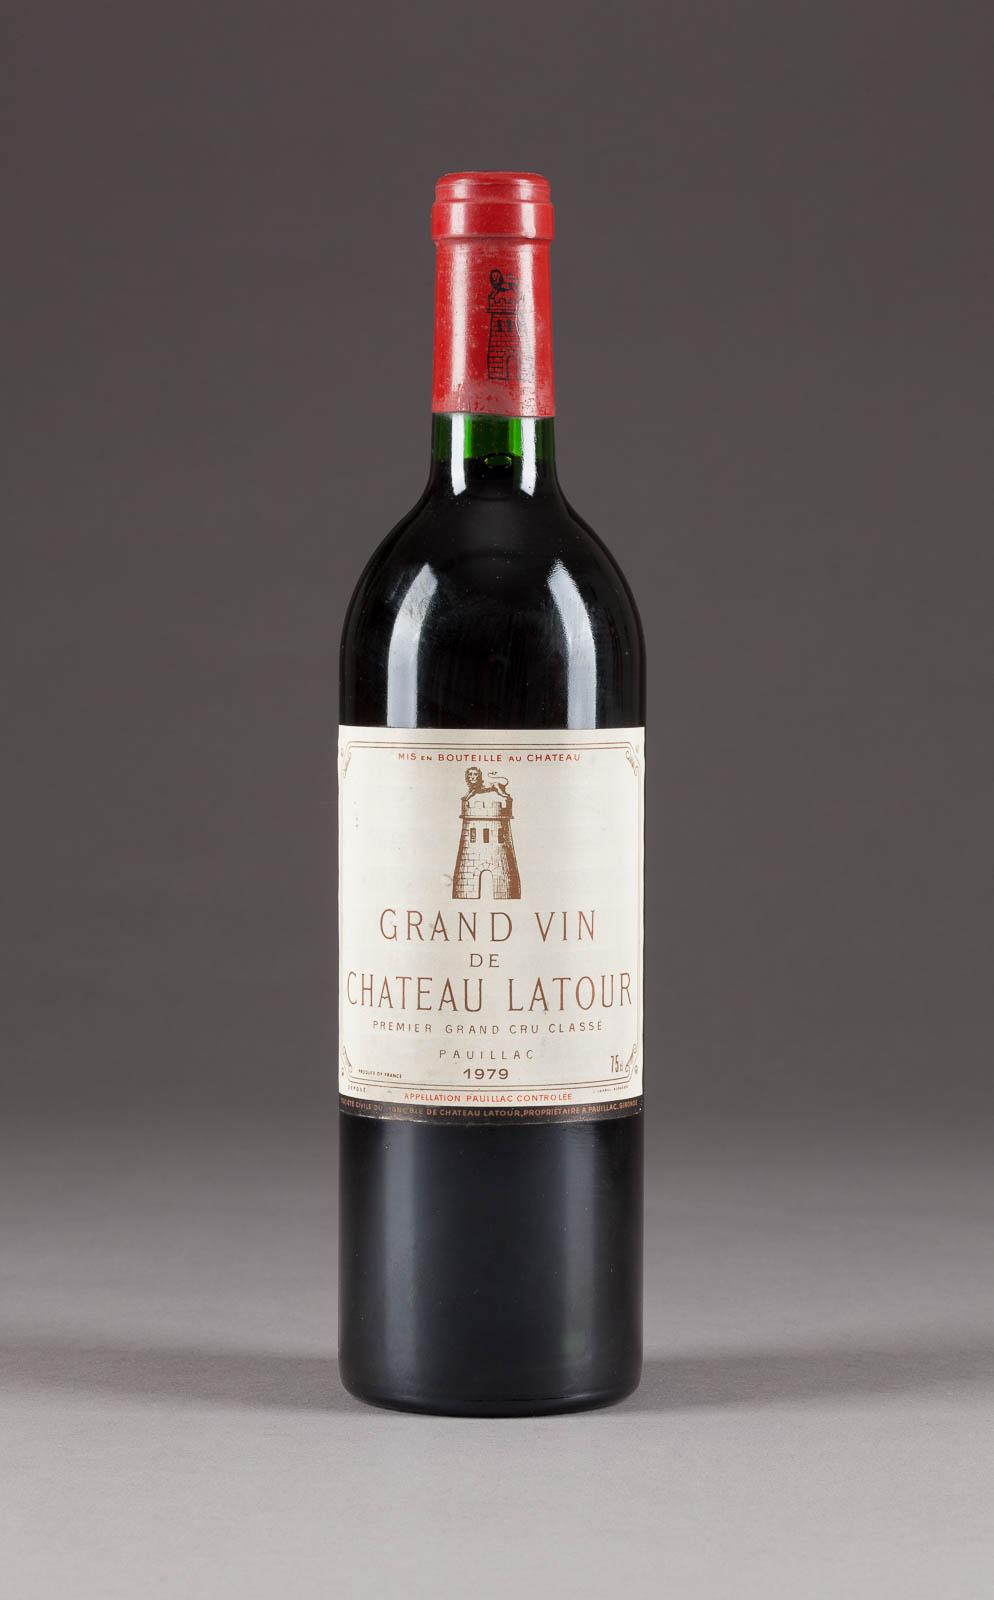 CHÂTEAU LATOUR GRAND VIN 1979 PAUILLAC